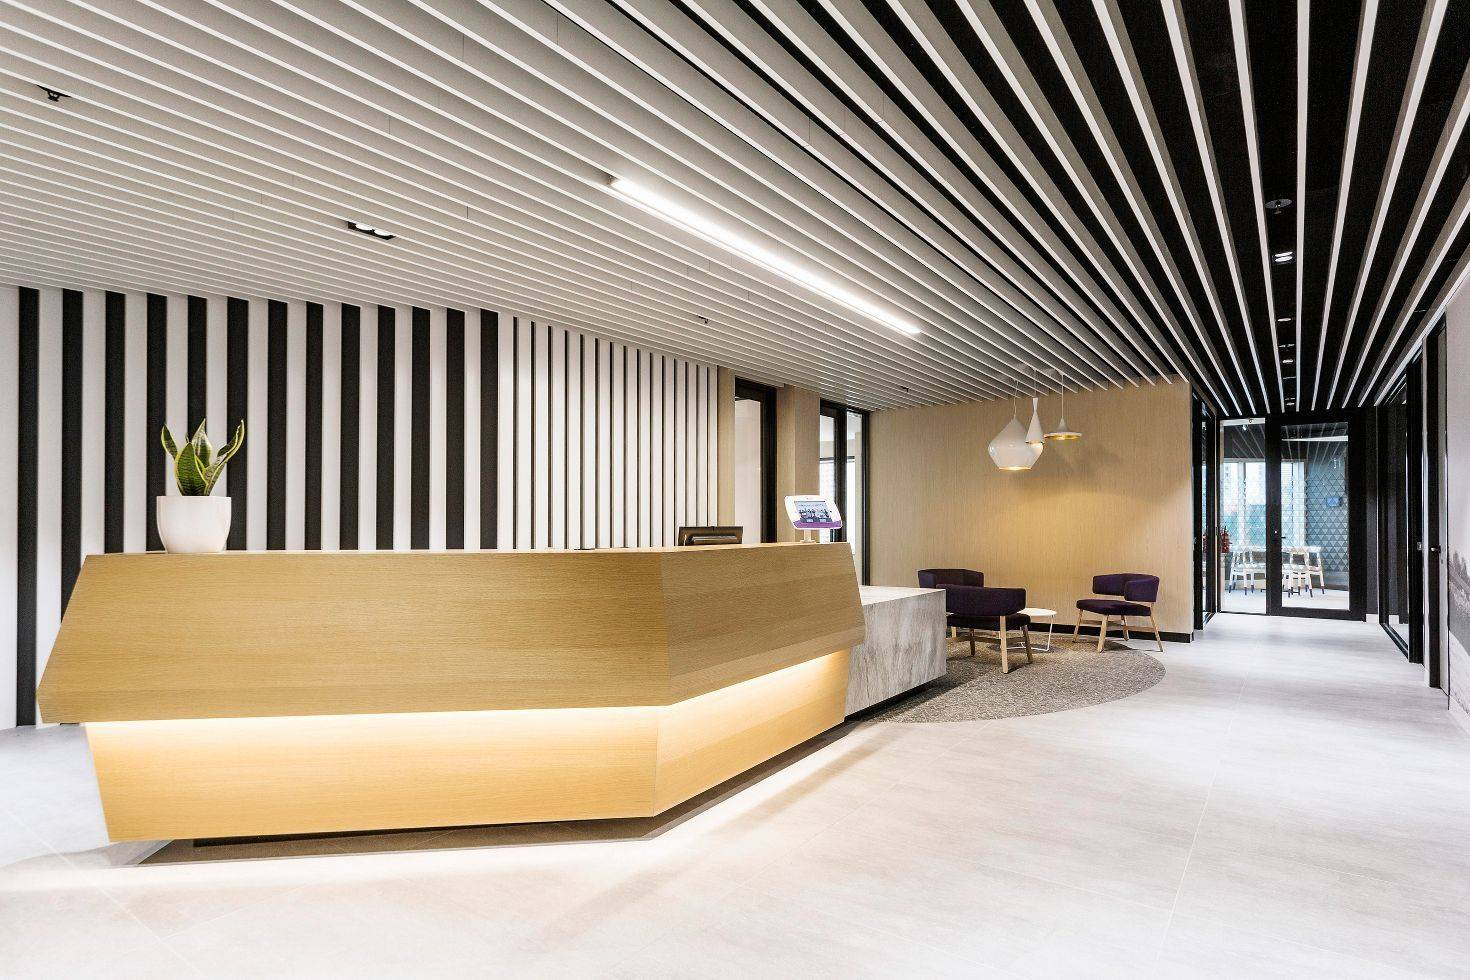 Кубообразный реечный потолок himmel: цена и дизайн для офиса, ламинированный под дерево